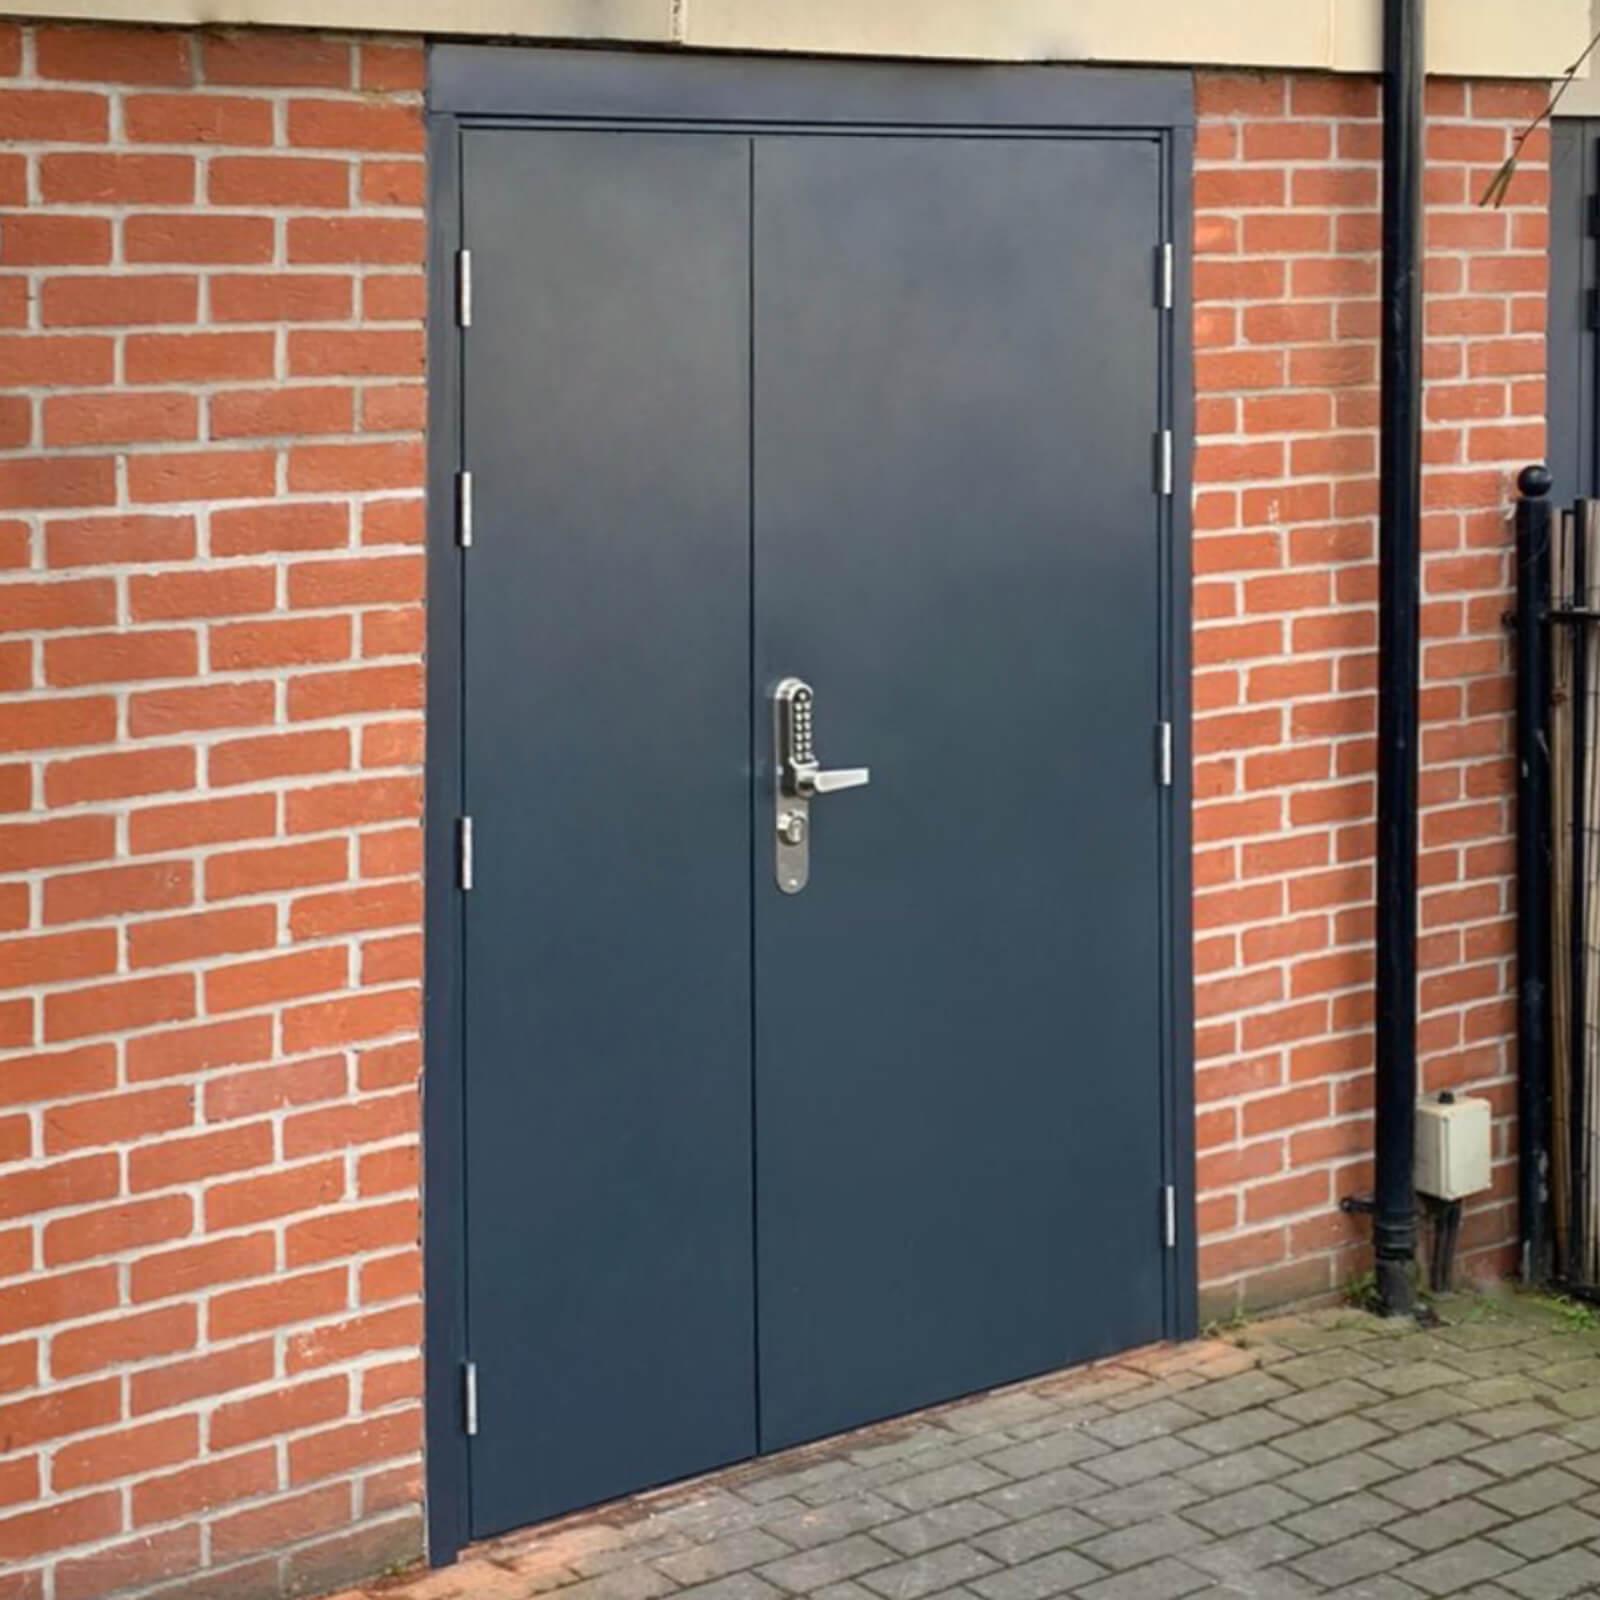 Securetec Roller Shutters Leading the Steel Security Door Market